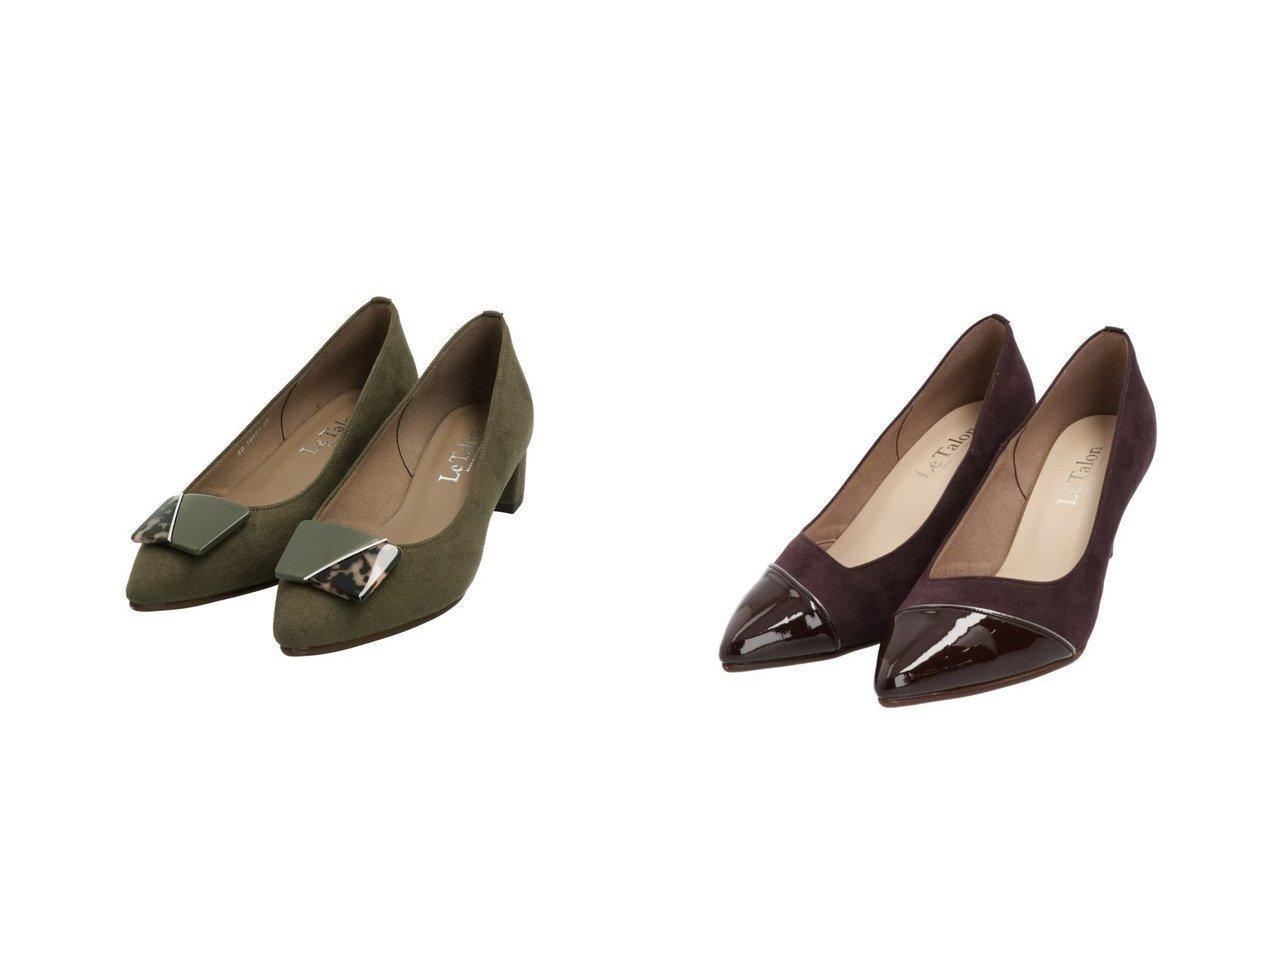 【Le Talon/ル タロン】の4cmPOコンビプレートPS(21.5-25.5)&6.5オブリークトゥキャップパンプス シューズ・靴のおすすめ!人気、トレンド・レディースファッションの通販  おすすめで人気の流行・トレンド、ファッションの通販商品 メンズファッション・キッズファッション・インテリア・家具・レディースファッション・服の通販 founy(ファニー) https://founy.com/ ファッション Fashion レディースファッション WOMEN 2020年 2020 2020-2021 秋冬 A/W AW Autumn/Winter / FW Fall-Winter 2020-2021 A/W 秋冬 AW Autumn/Winter / FW Fall-Winter インソール クッション コンビ シューズ シンプル タイツ プレート ワンポイント カッティング バランス フォーマル |ID:crp329100000009820